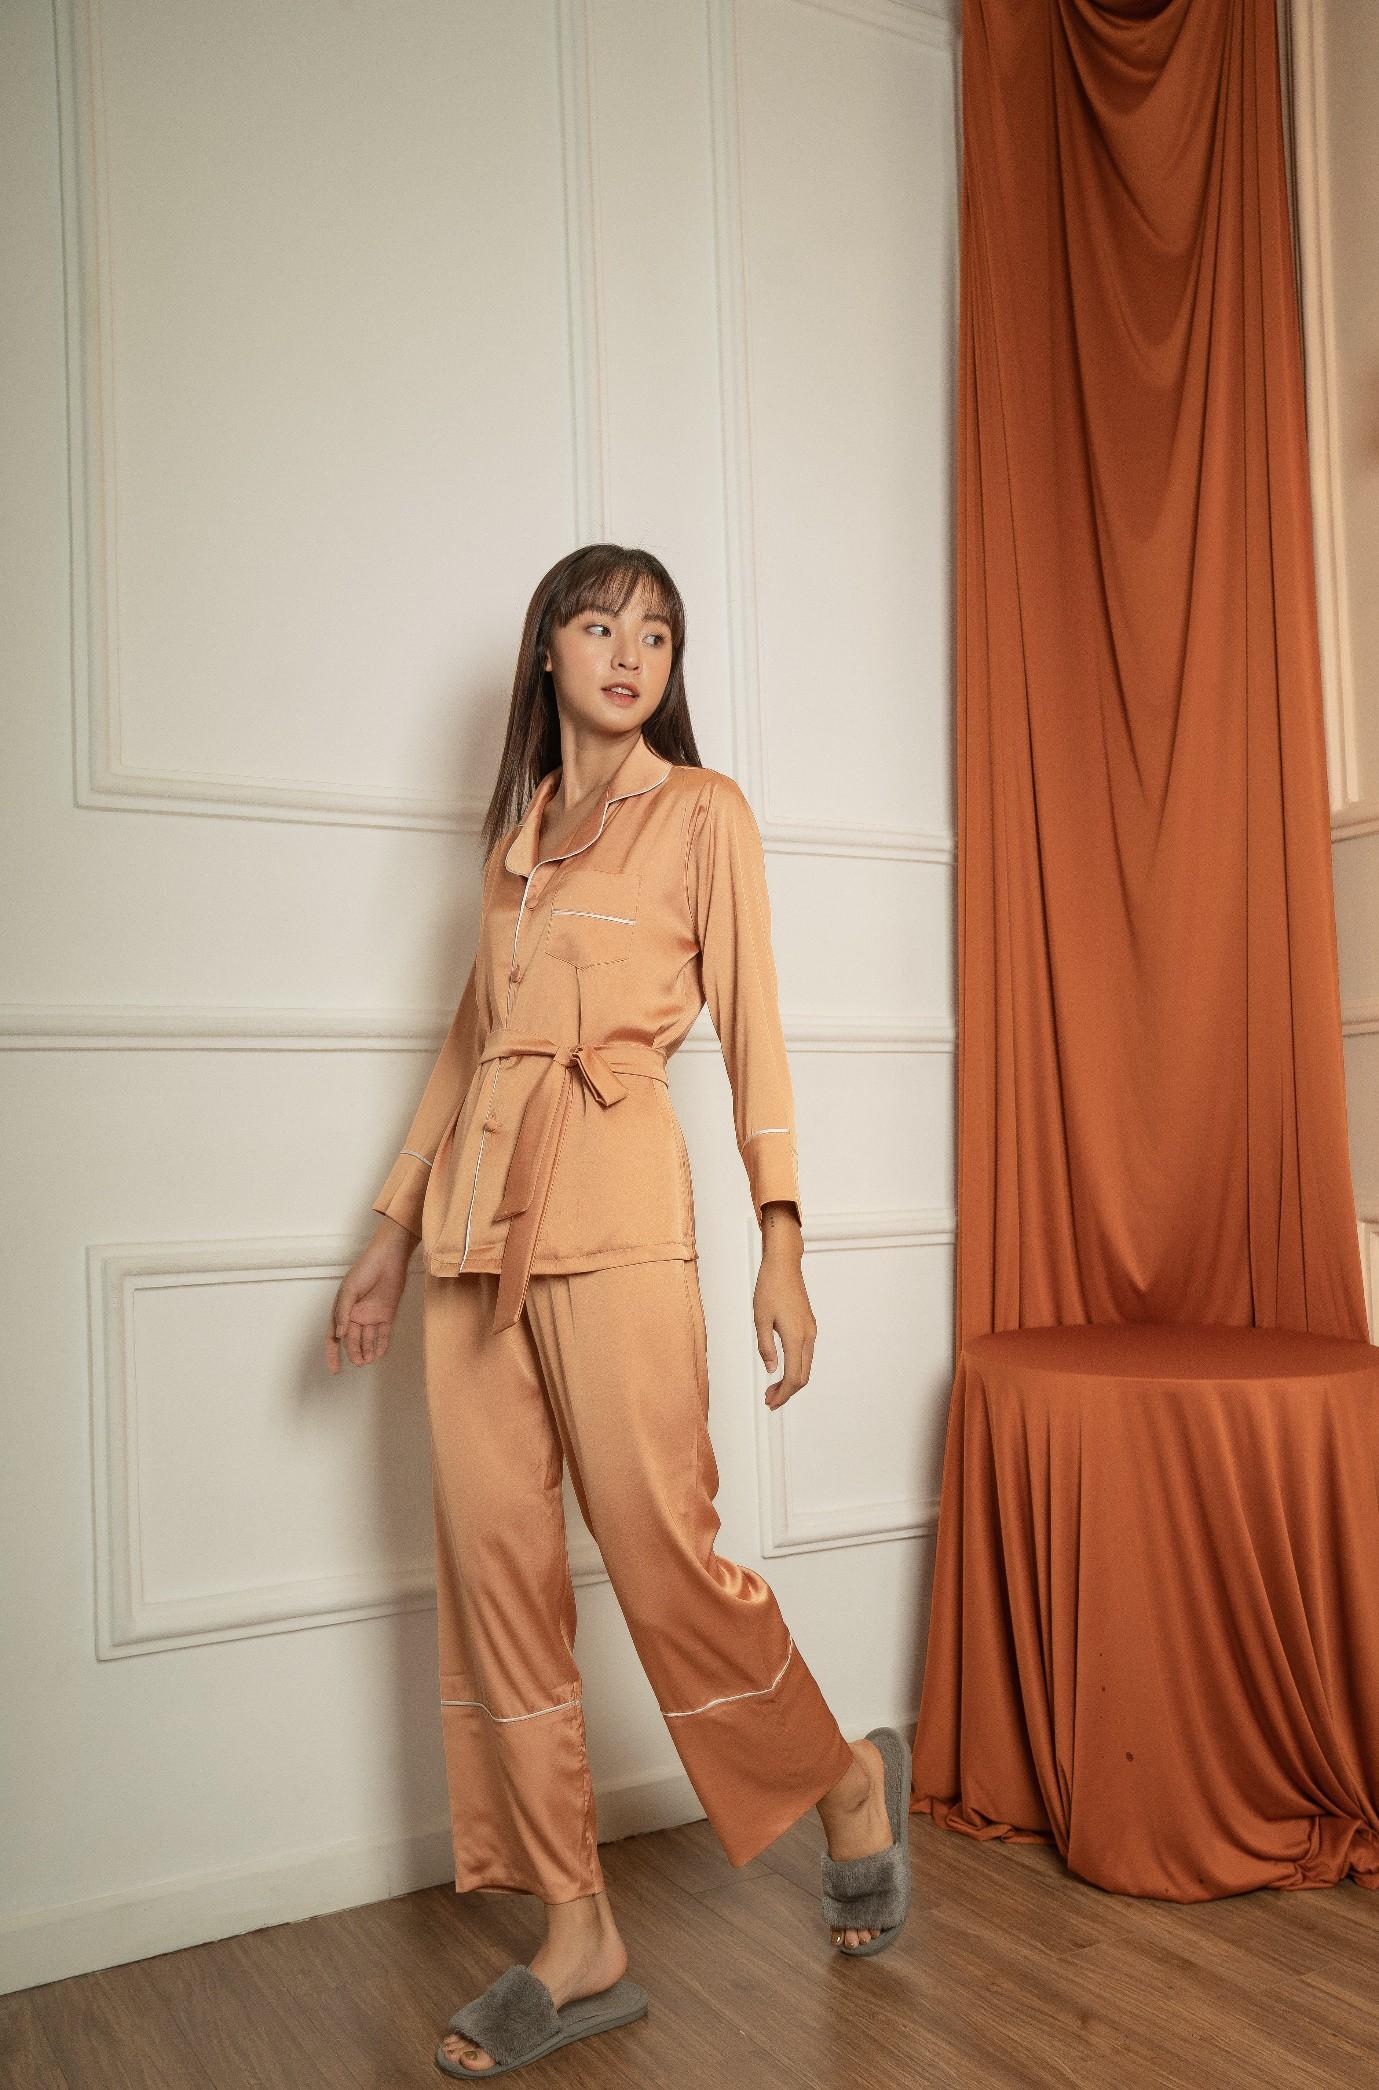 Từ khi nào pyjama trở thành streetwear thế này? - Ảnh 4.